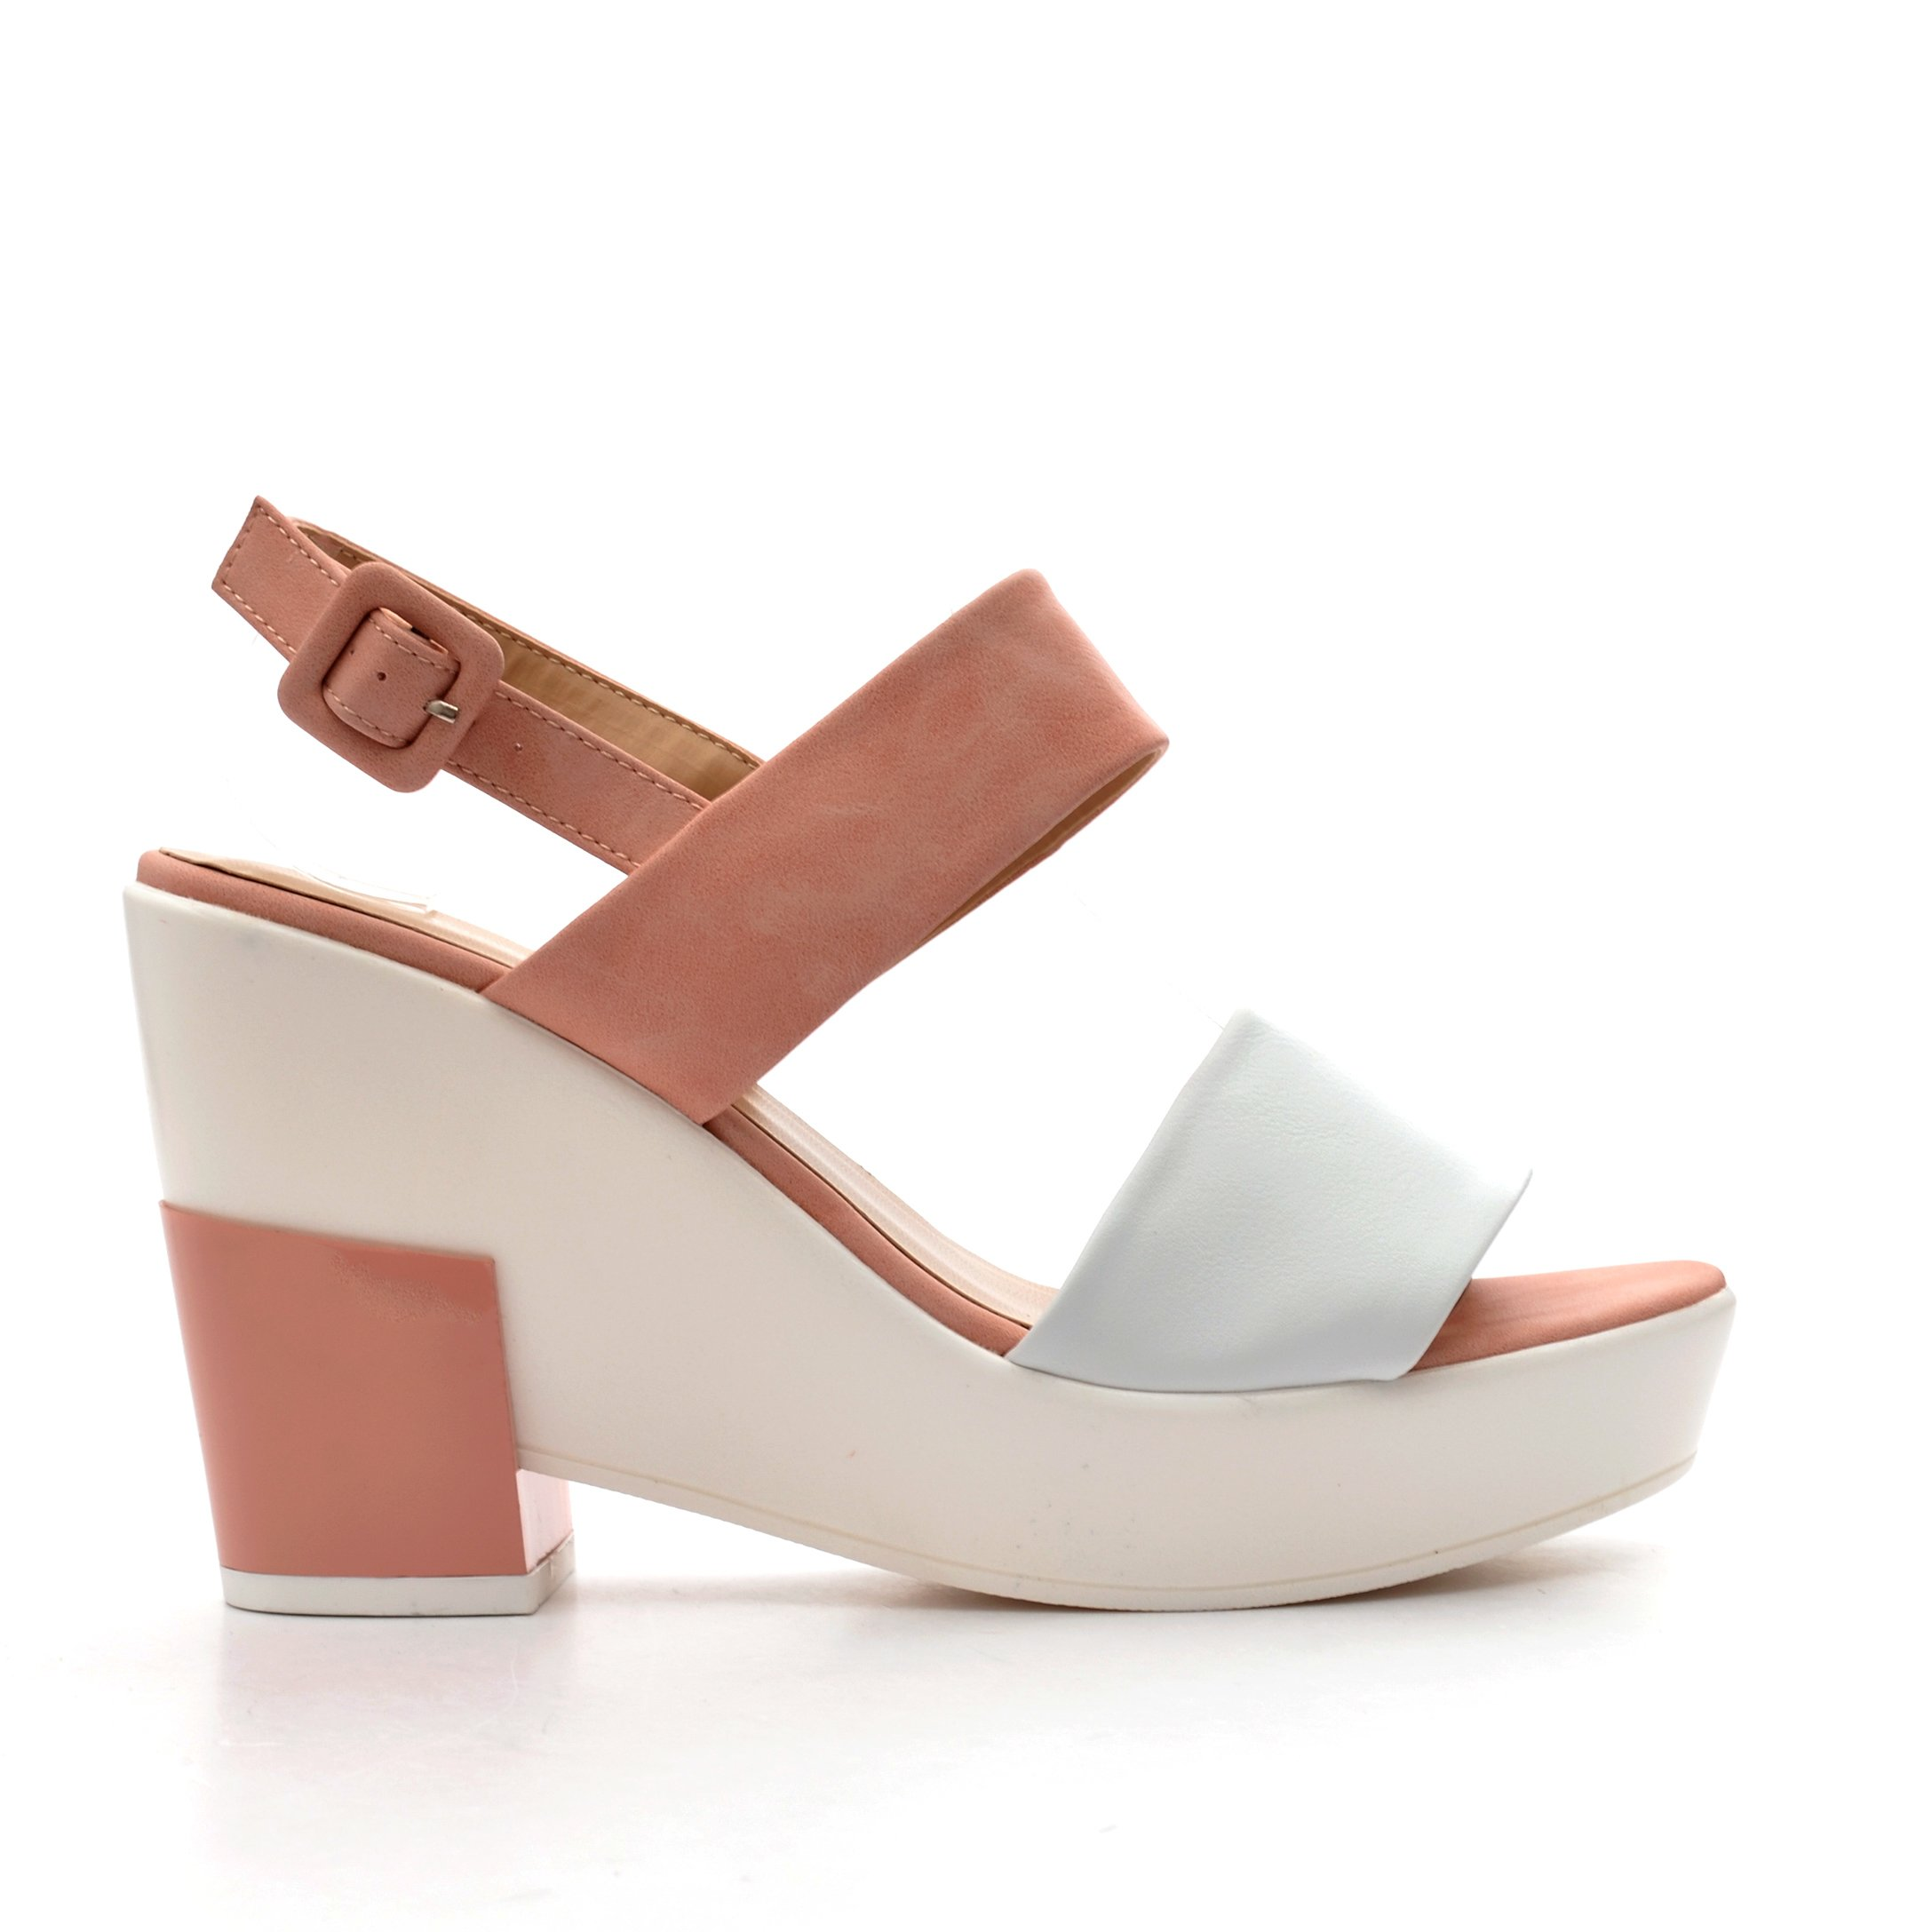 Sandale dama Marcella roz